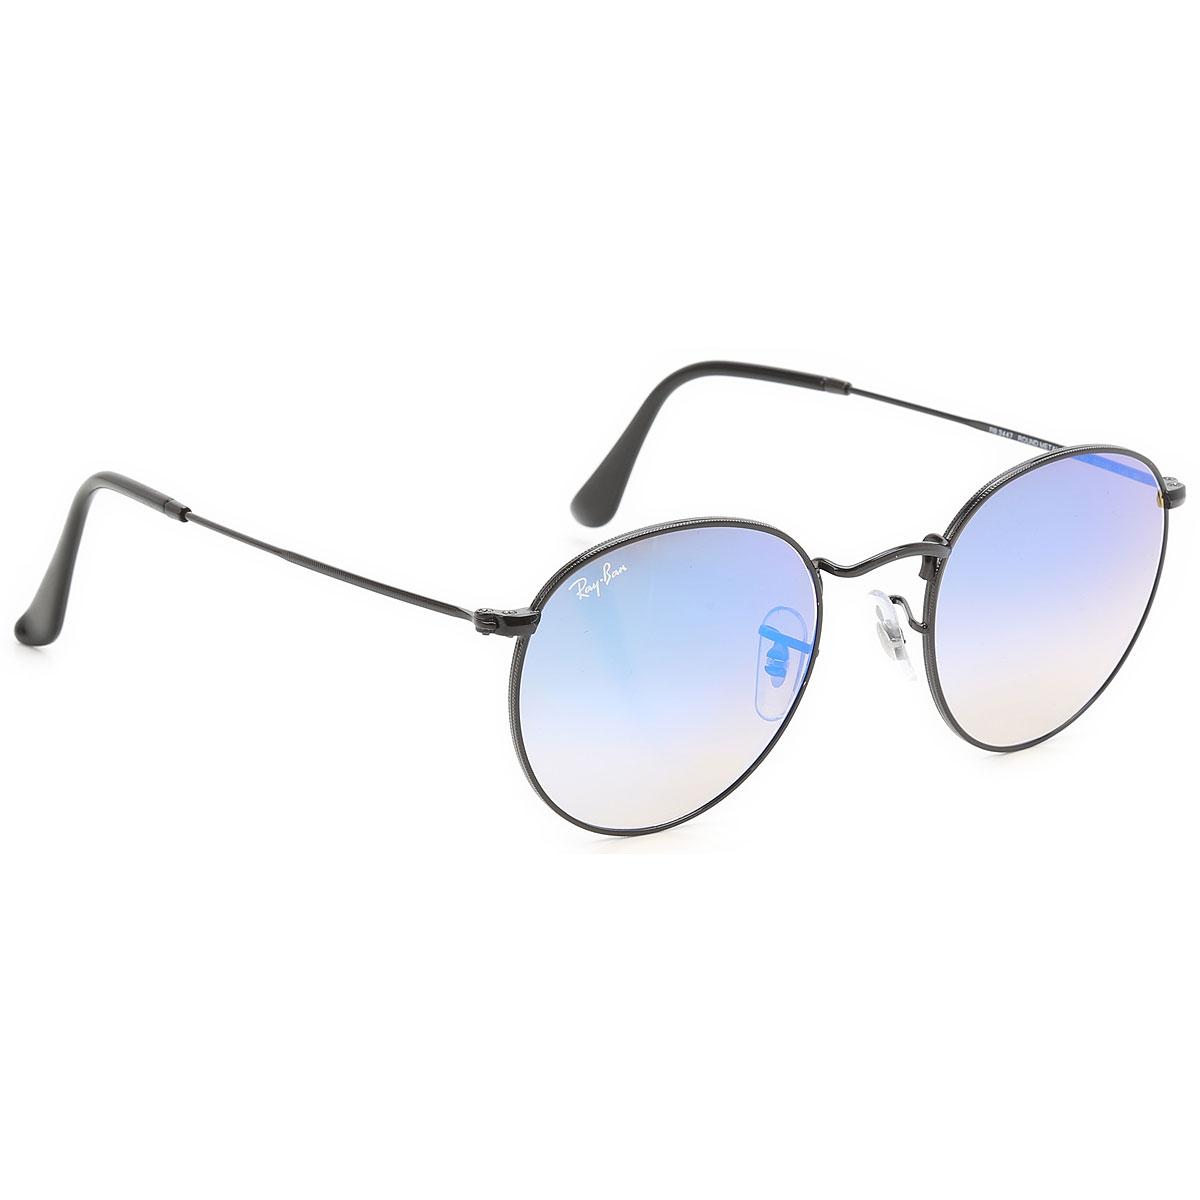 Ray Ban Sunglasses On Sale, 2017 USA-362886